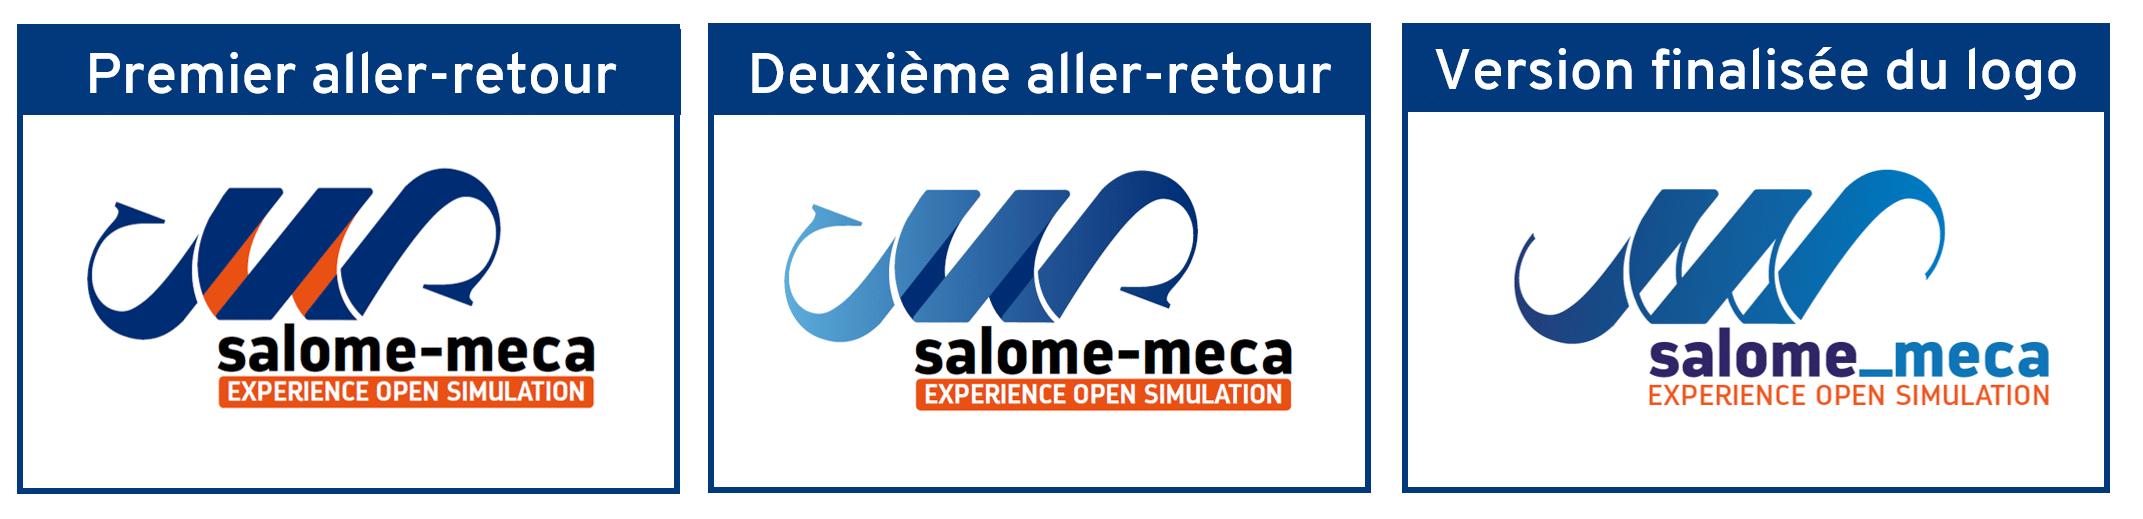 Les différentes versions du logo salome_meca